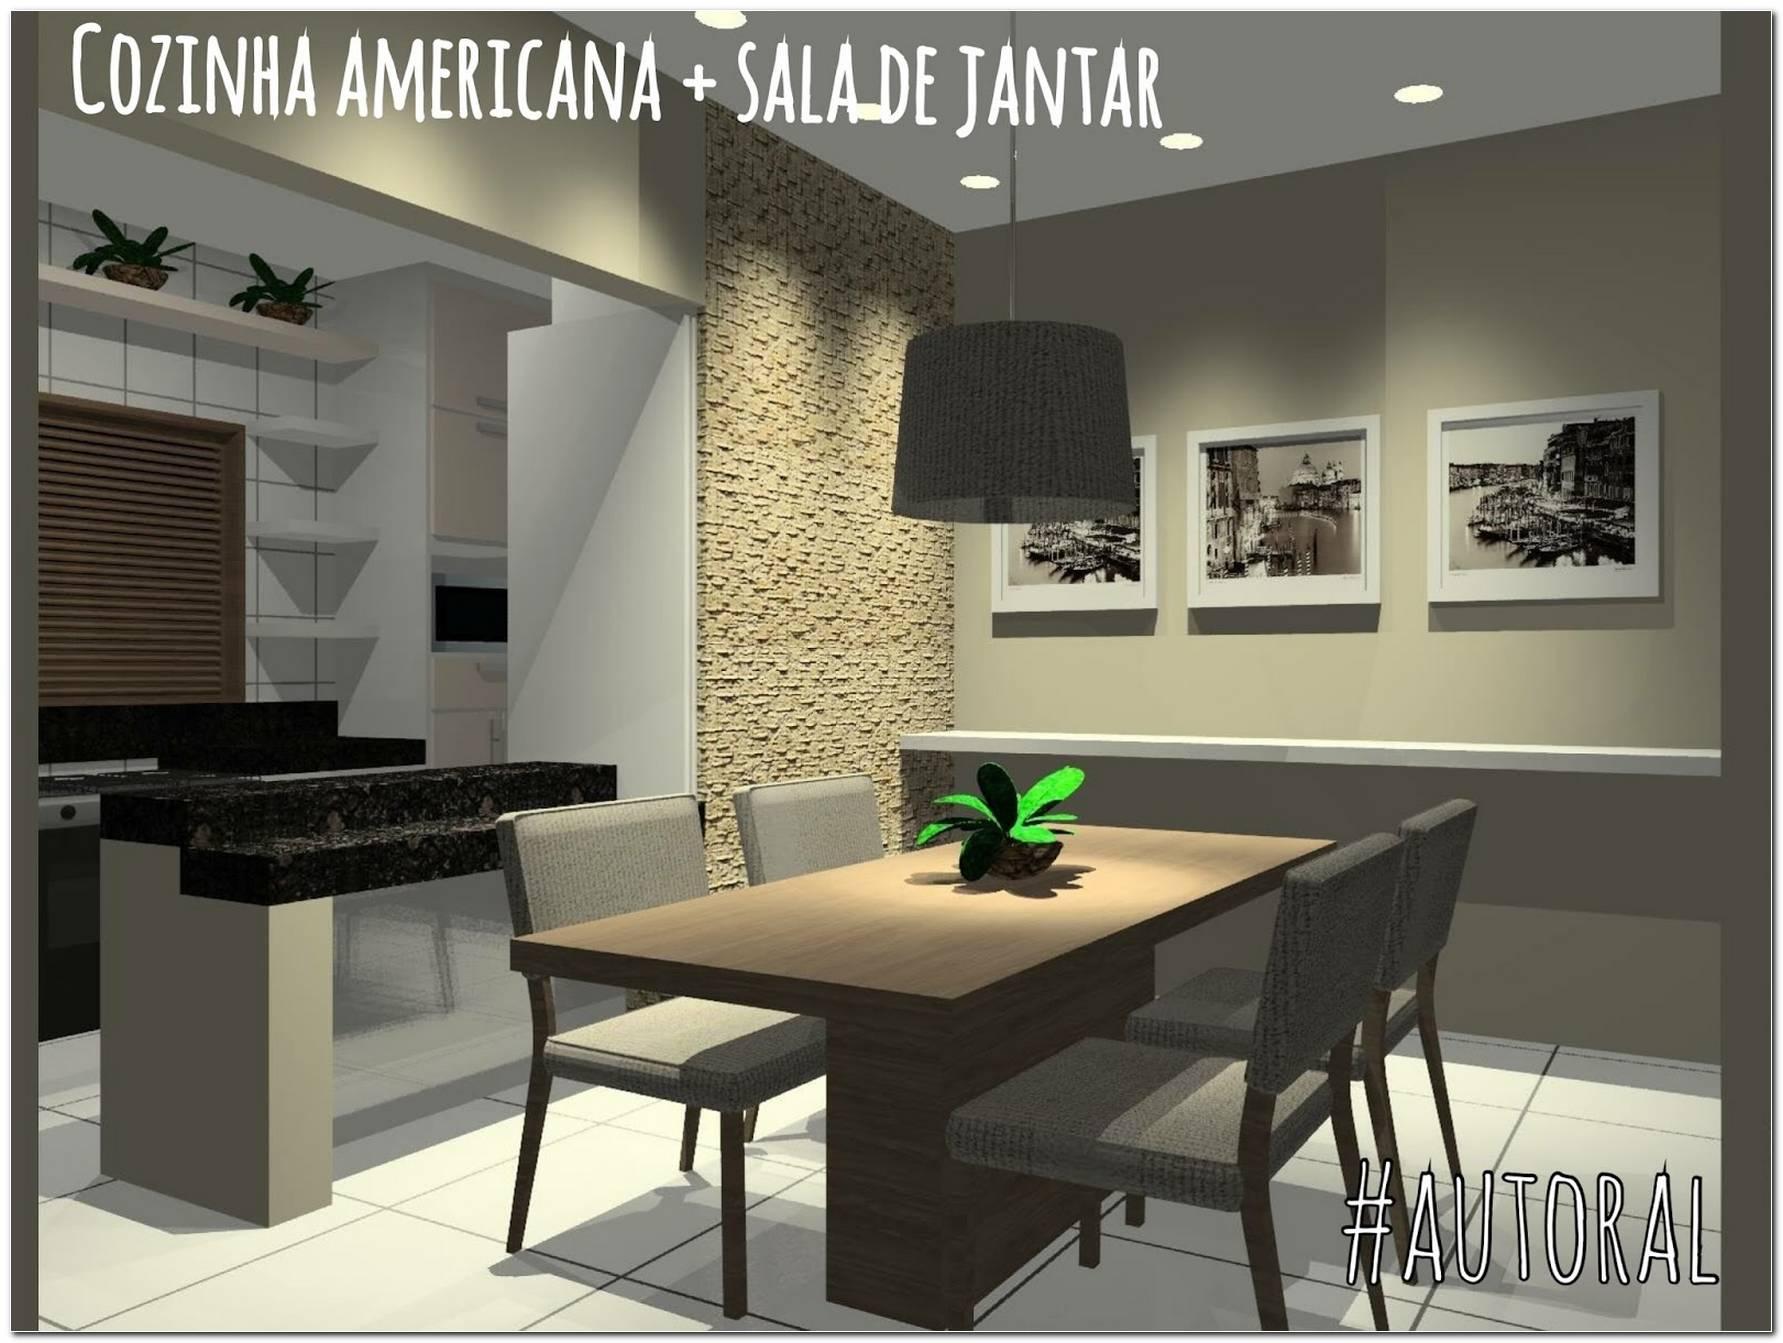 Cozinha Americana Grande Com Sala De Jantar